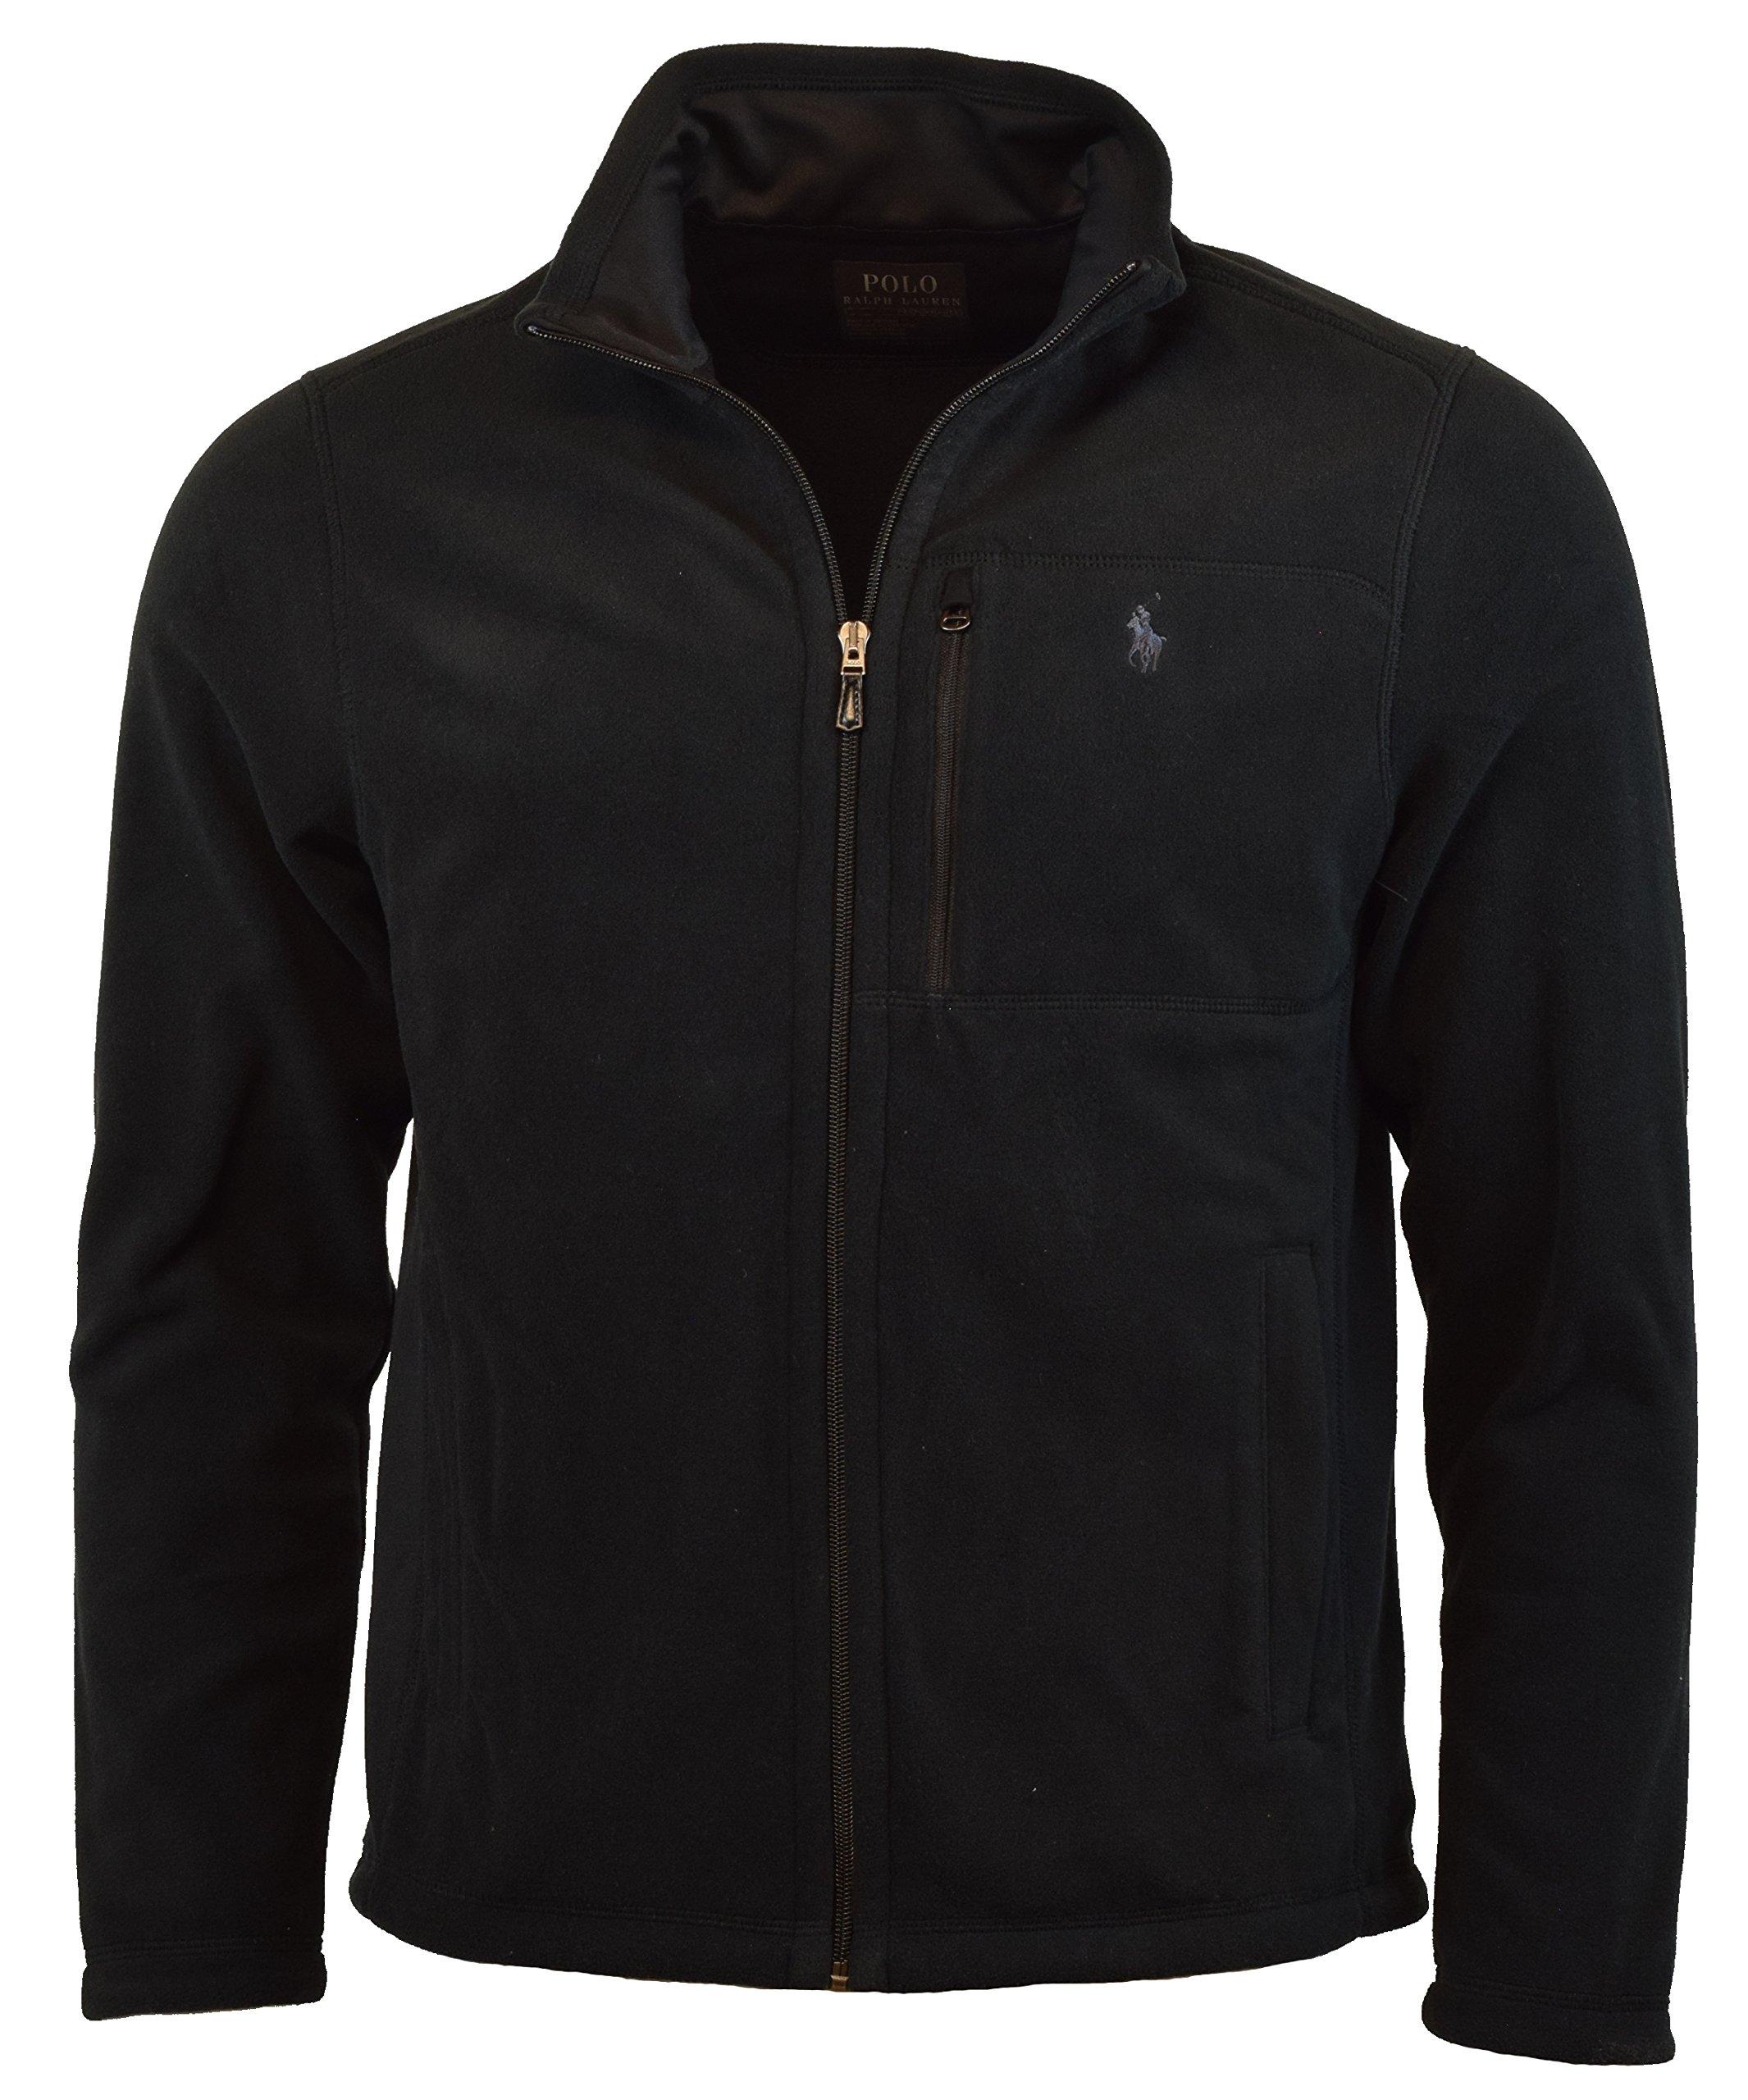 Polo Ralph Lauren Men's Performance Full Zip Fleece Jacket (L, Black)